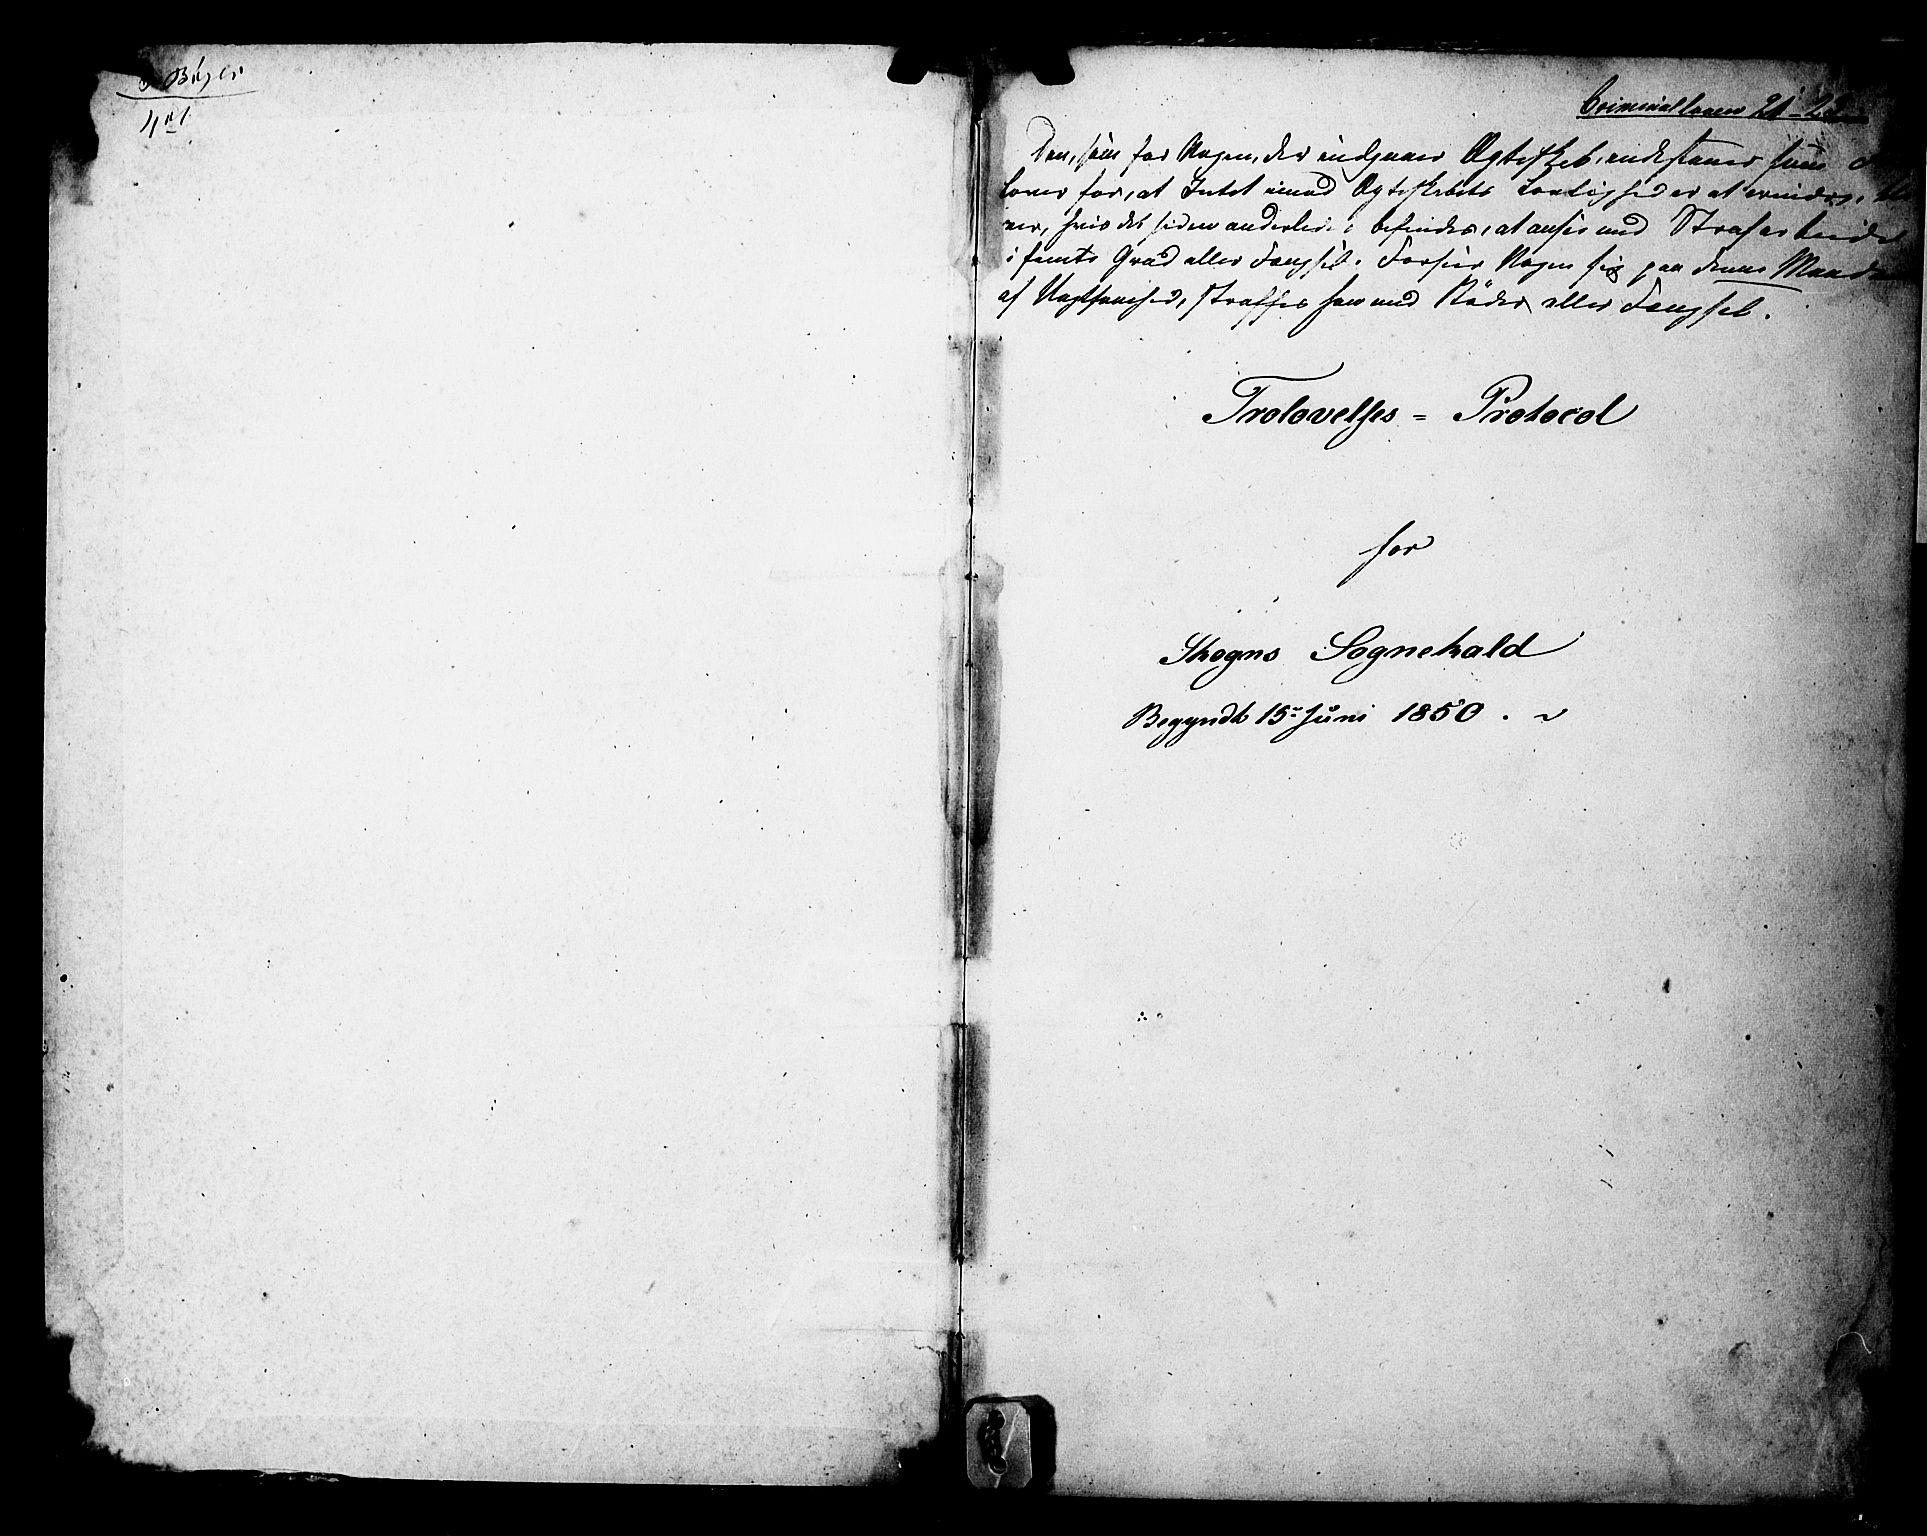 SAT, Ministerialprotokoller, klokkerbøker og fødselsregistre - Nord-Trøndelag, 717/L0161: Forlovererklæringer nr. 717A11, 1850-1895, s. 1